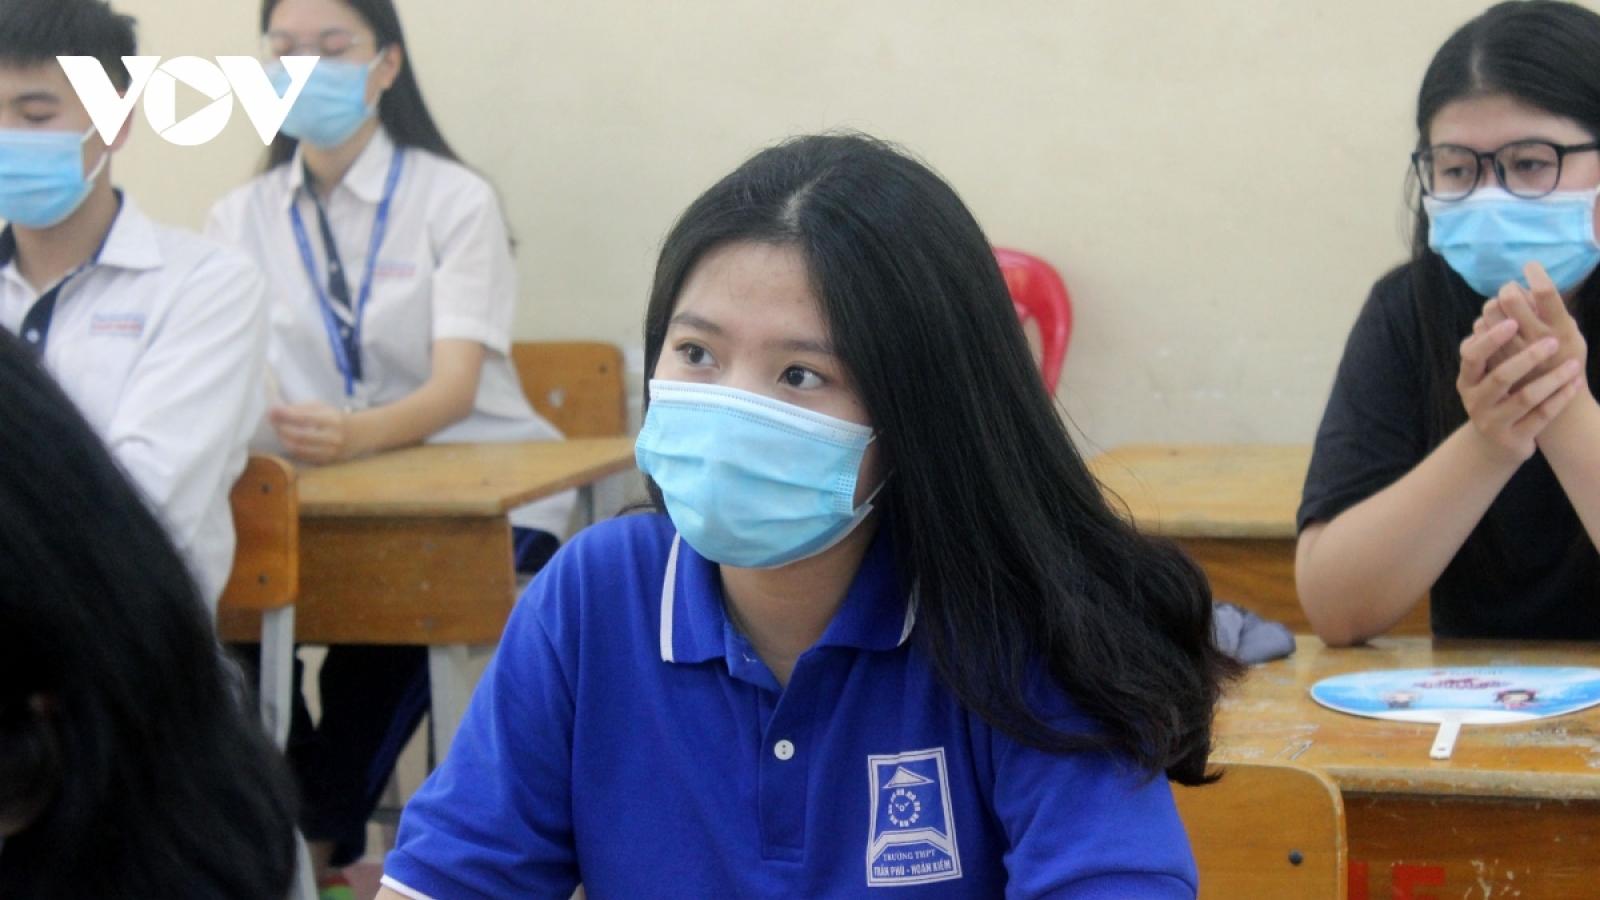 Mọi tình huống phải bảo đảm an toàn, tổ chức thành công kỳ thi vào lớp 10